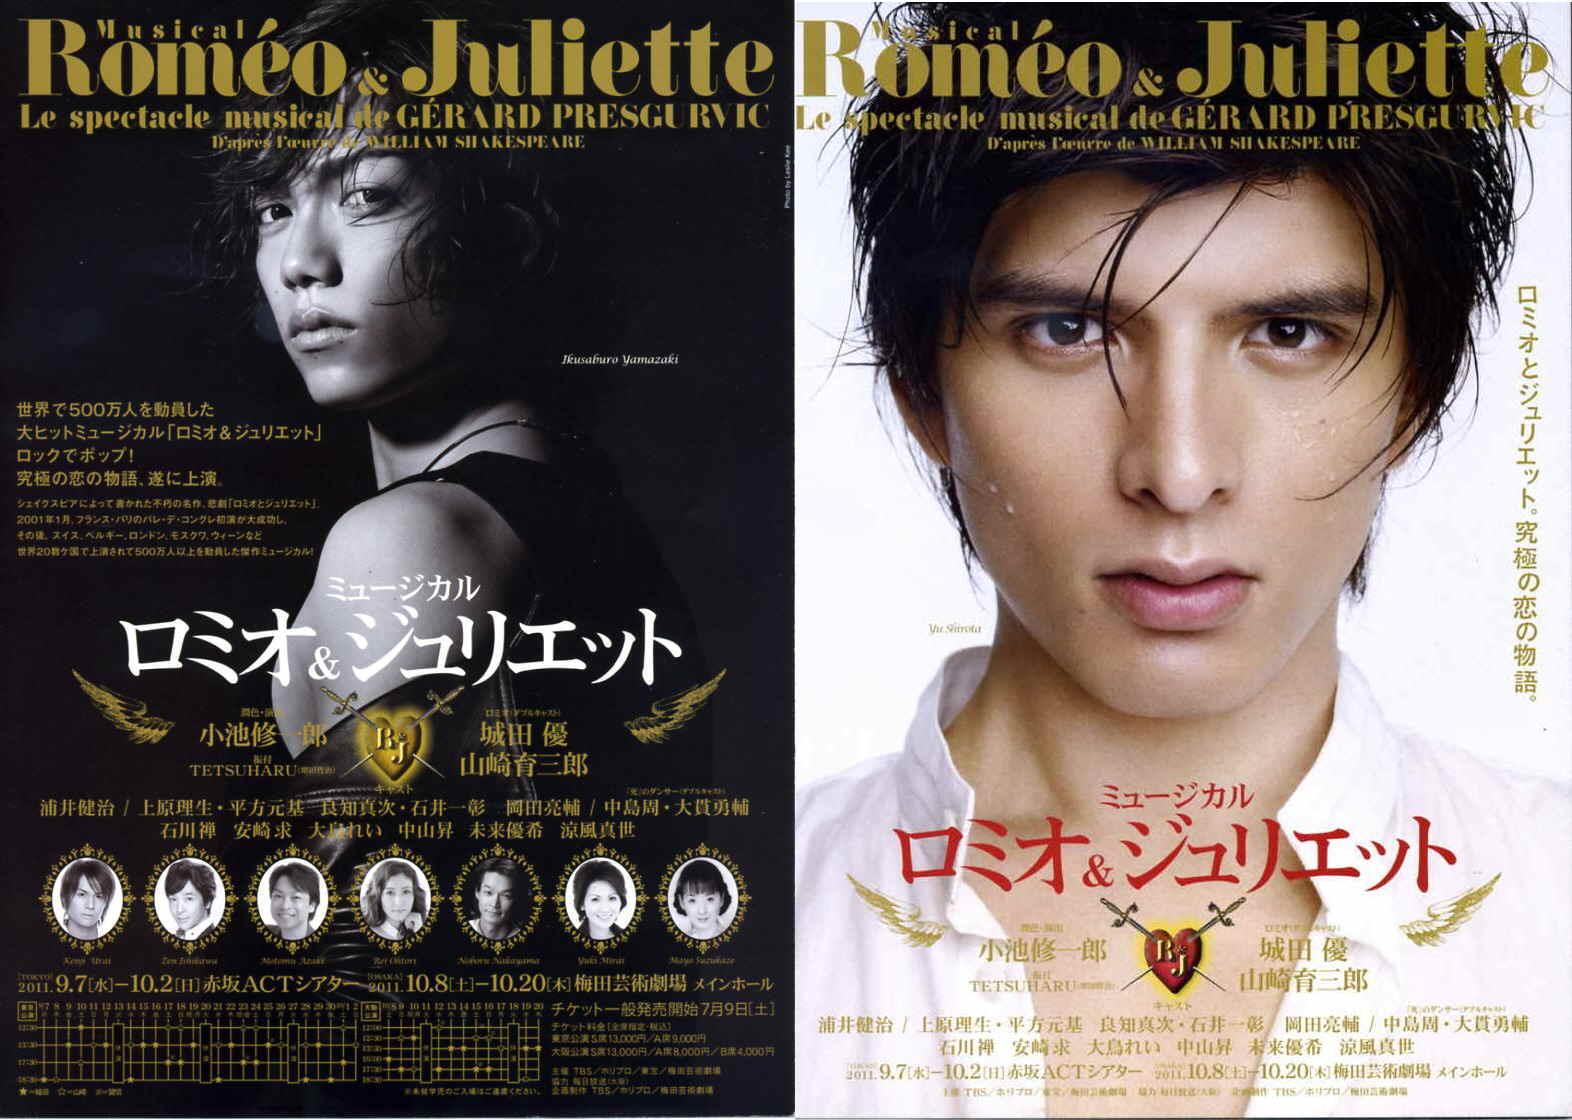 ミュージカル『ロミオ&ジュリエット』 ミュージカル『ロミオ&ジュリエット』 星空文庫 optio